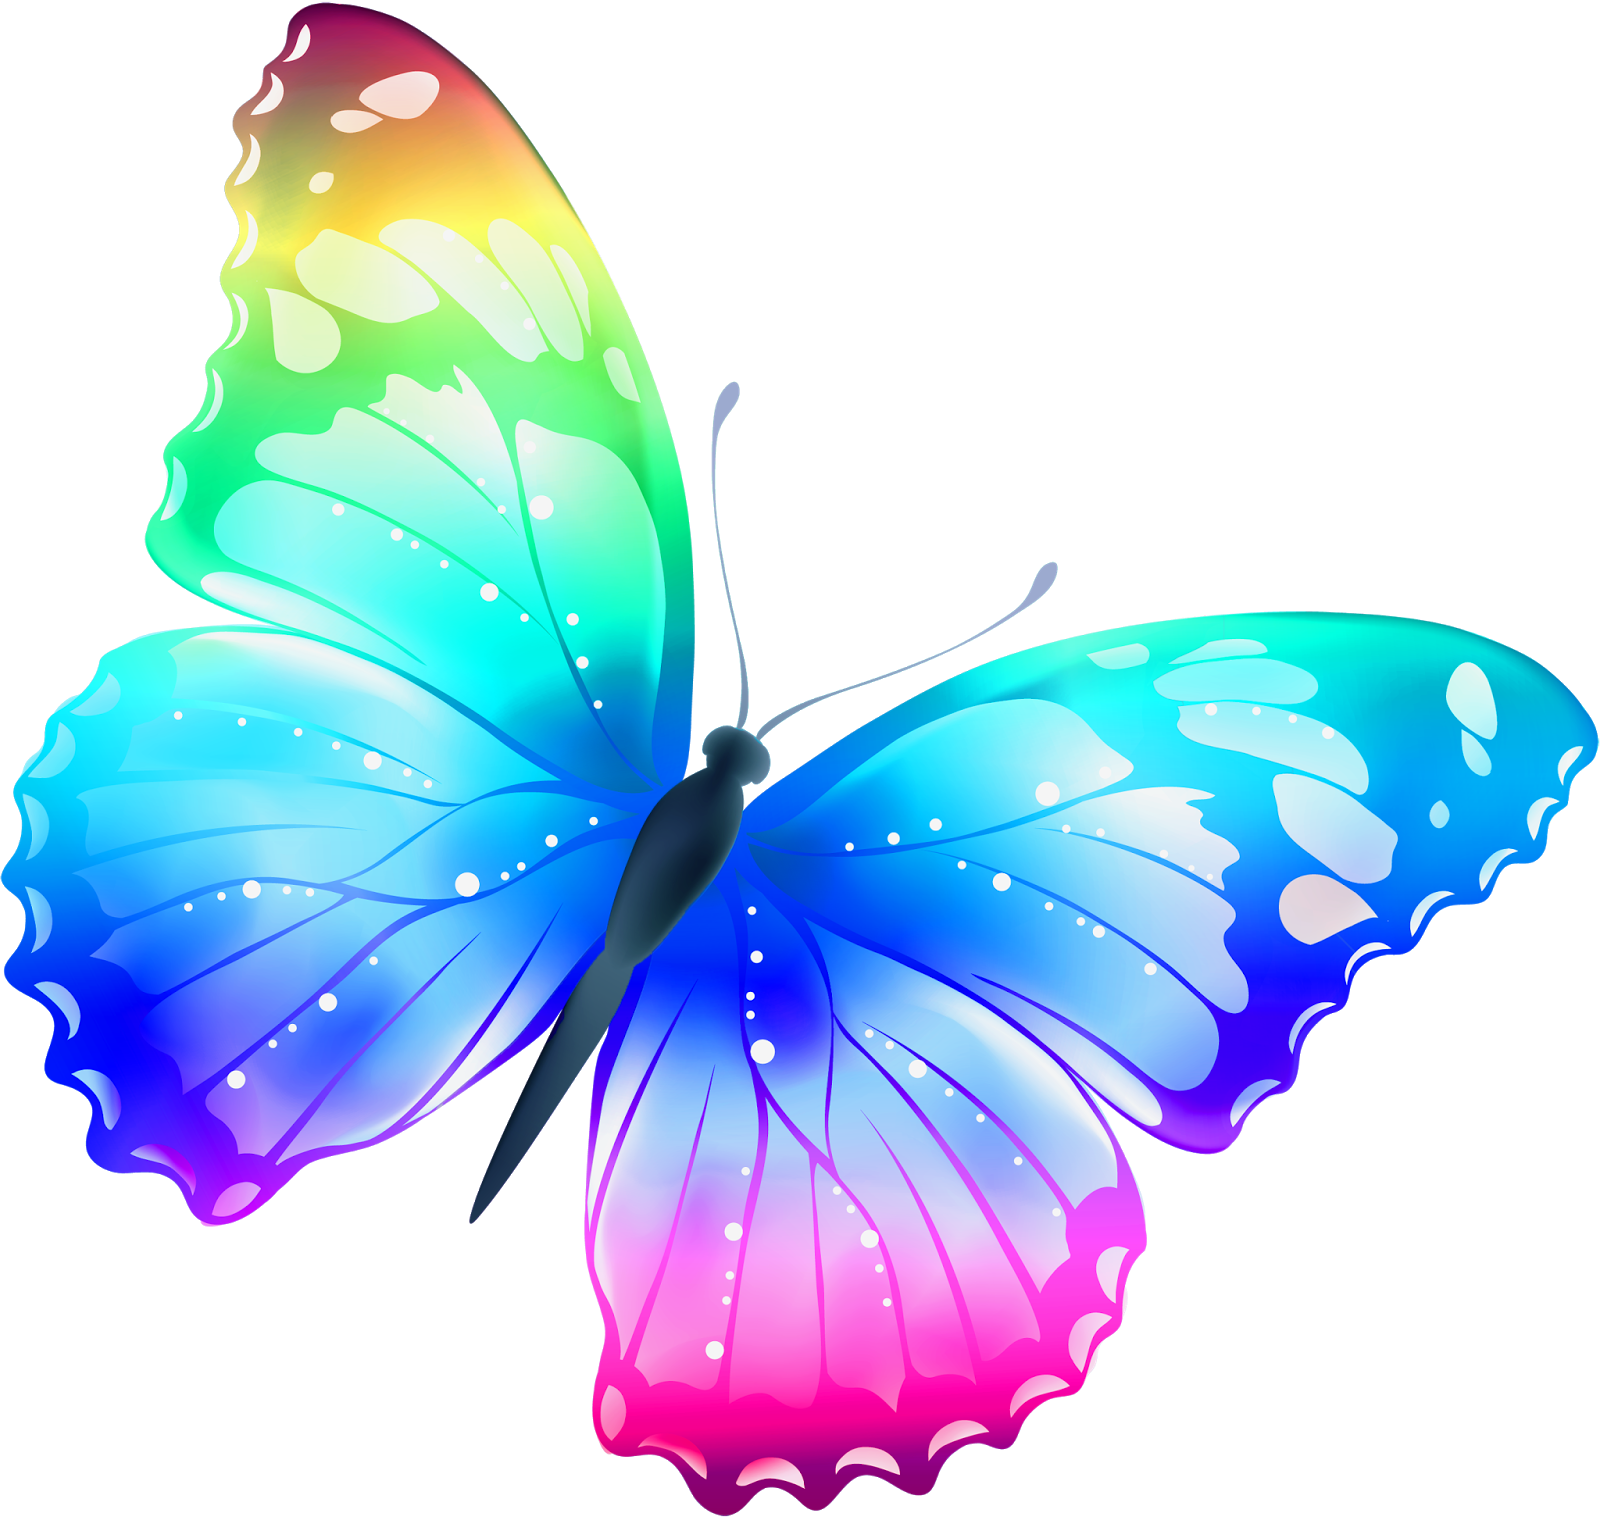 Imagenes Y Fotos Imagenes De Mariposas Parte 10 Dibujos Moldes